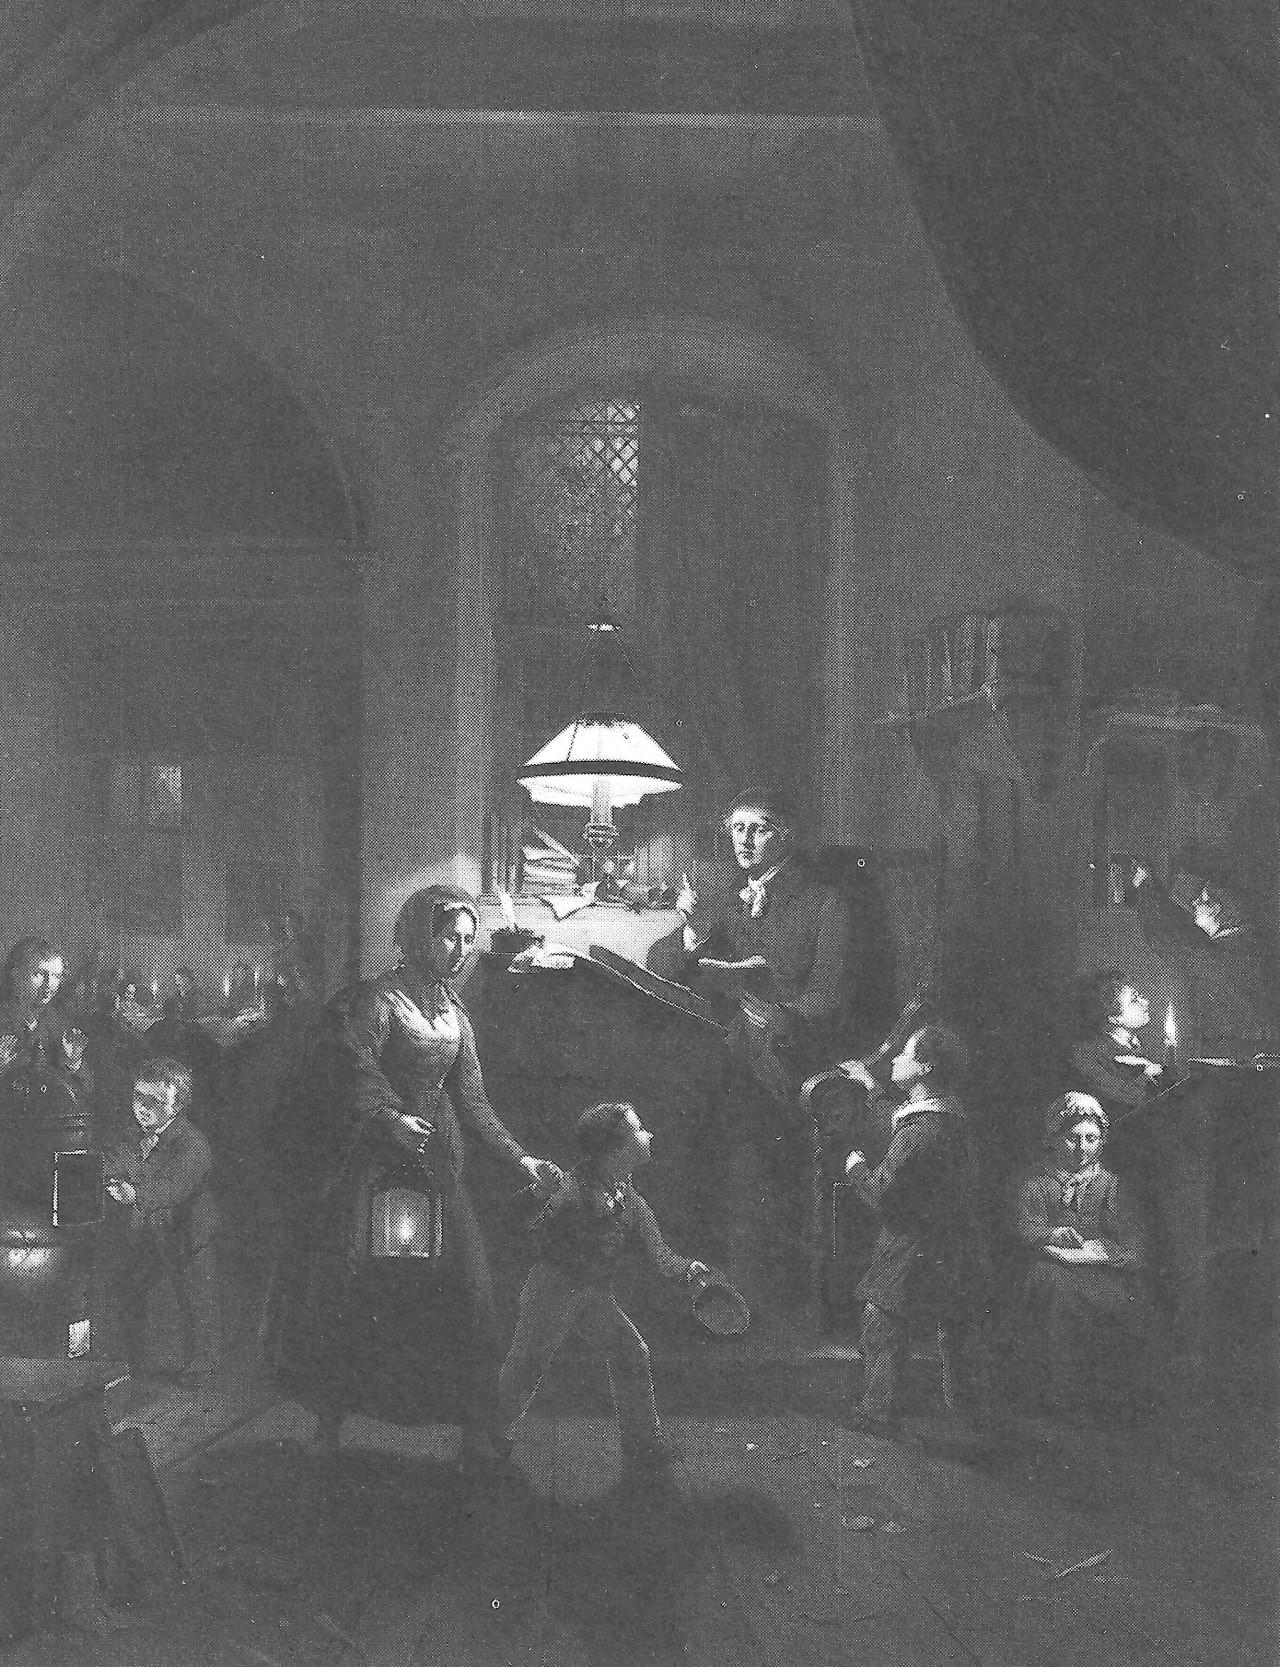 Onderwijsgeschiedenis - Beelden van het onderwijs vóór 1800